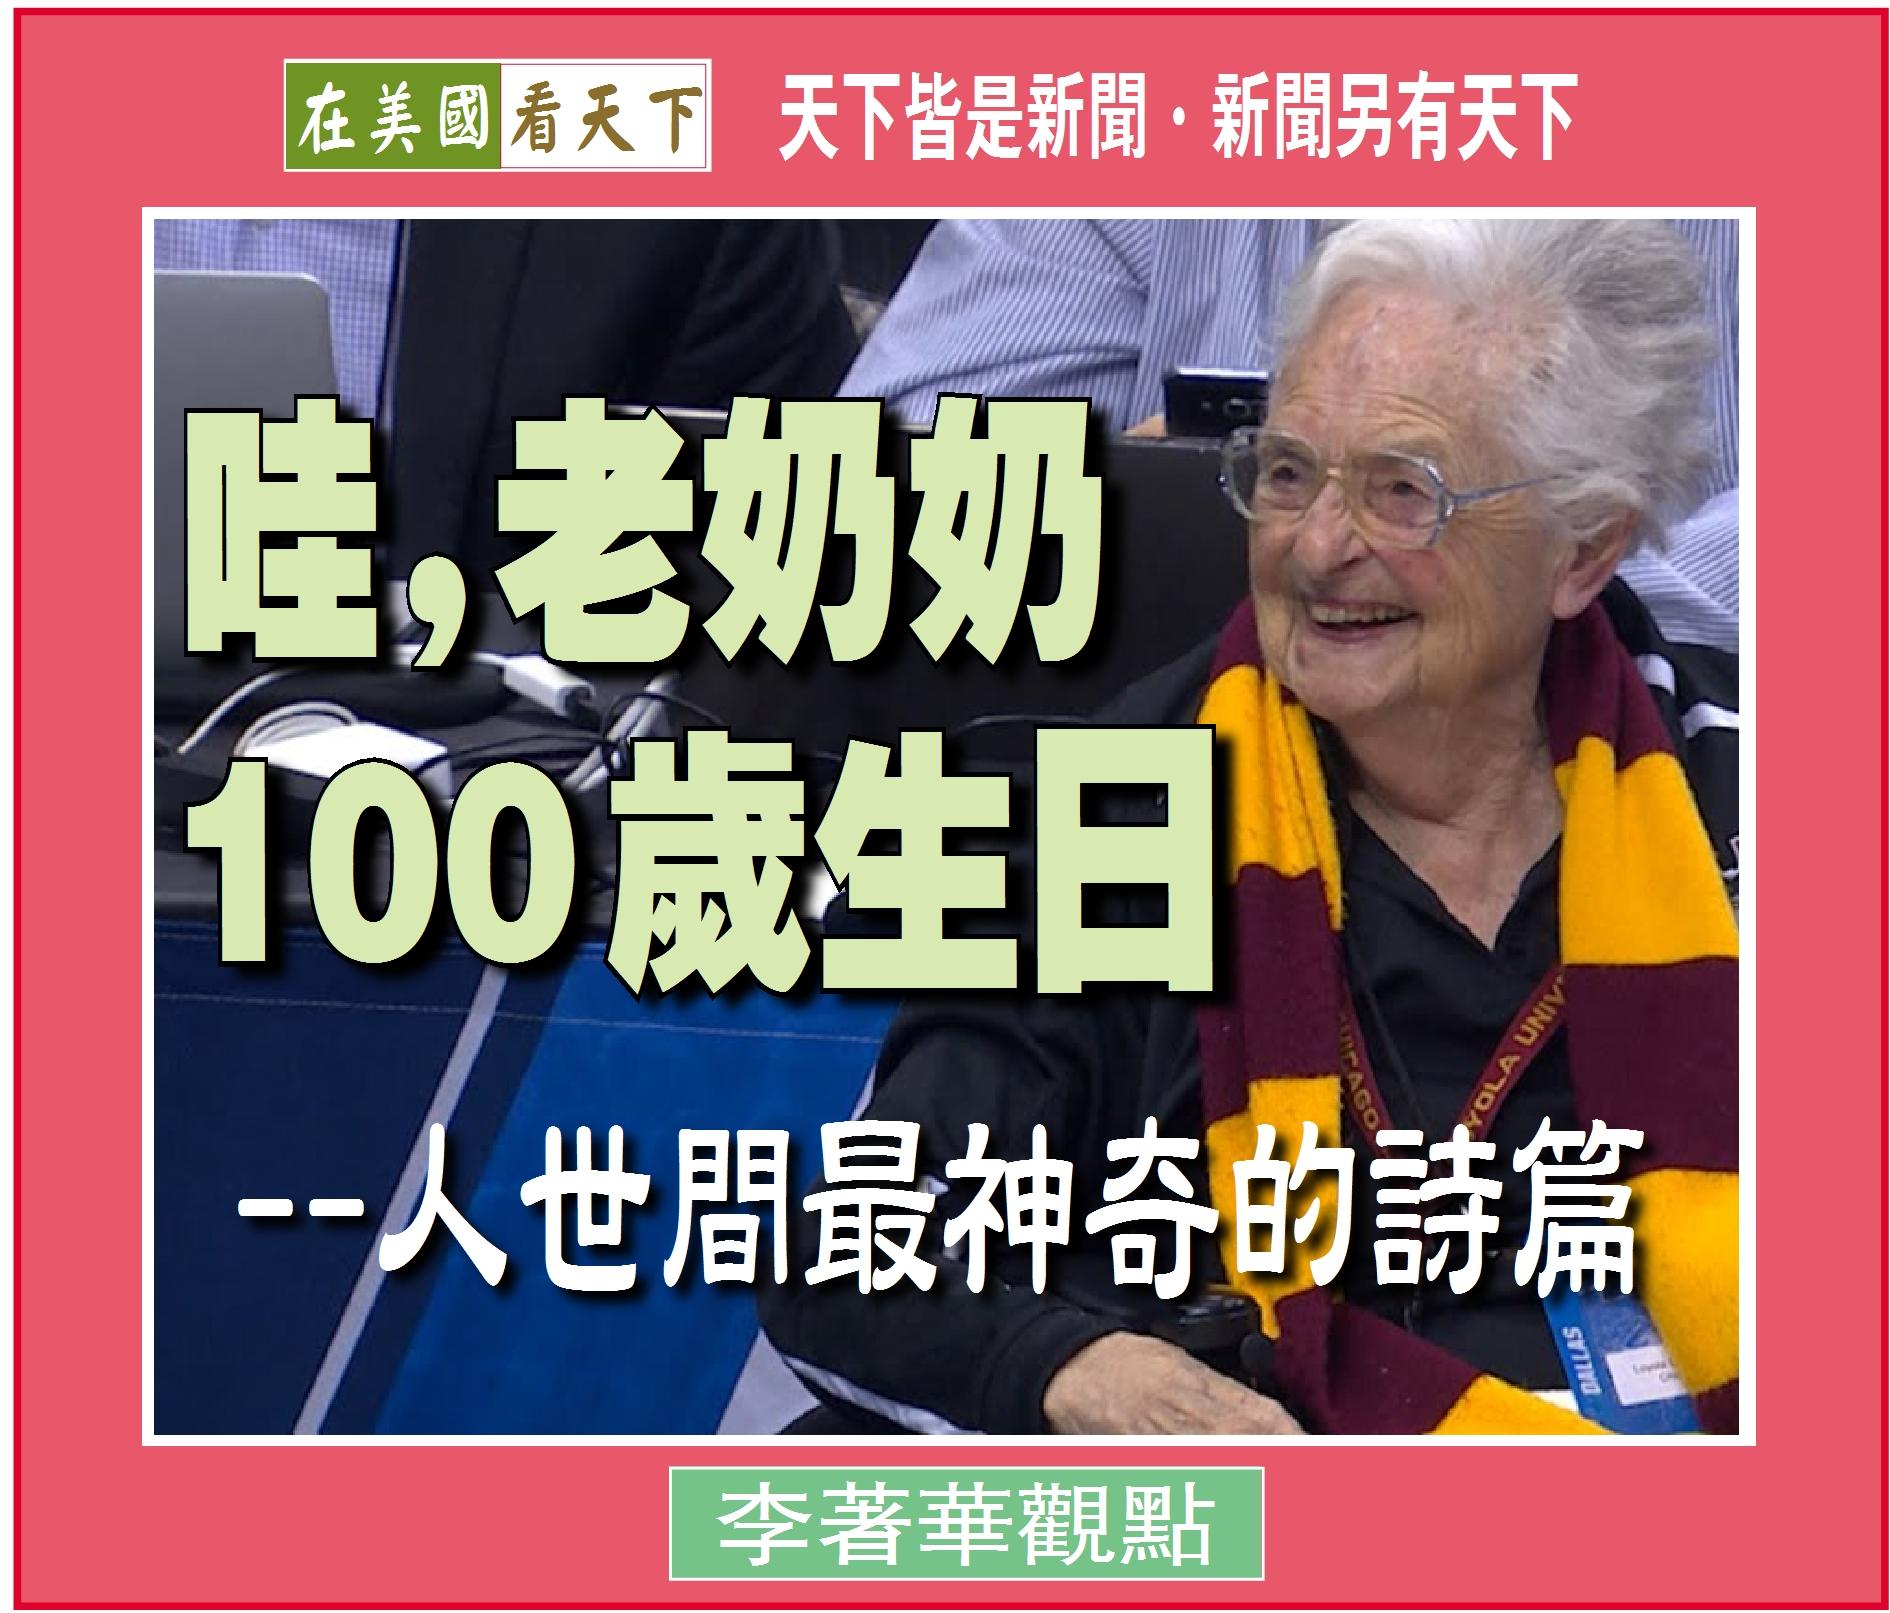 082219-哇老奶奶的100歲生日--人世間最神奇的詩篇-1.jpg